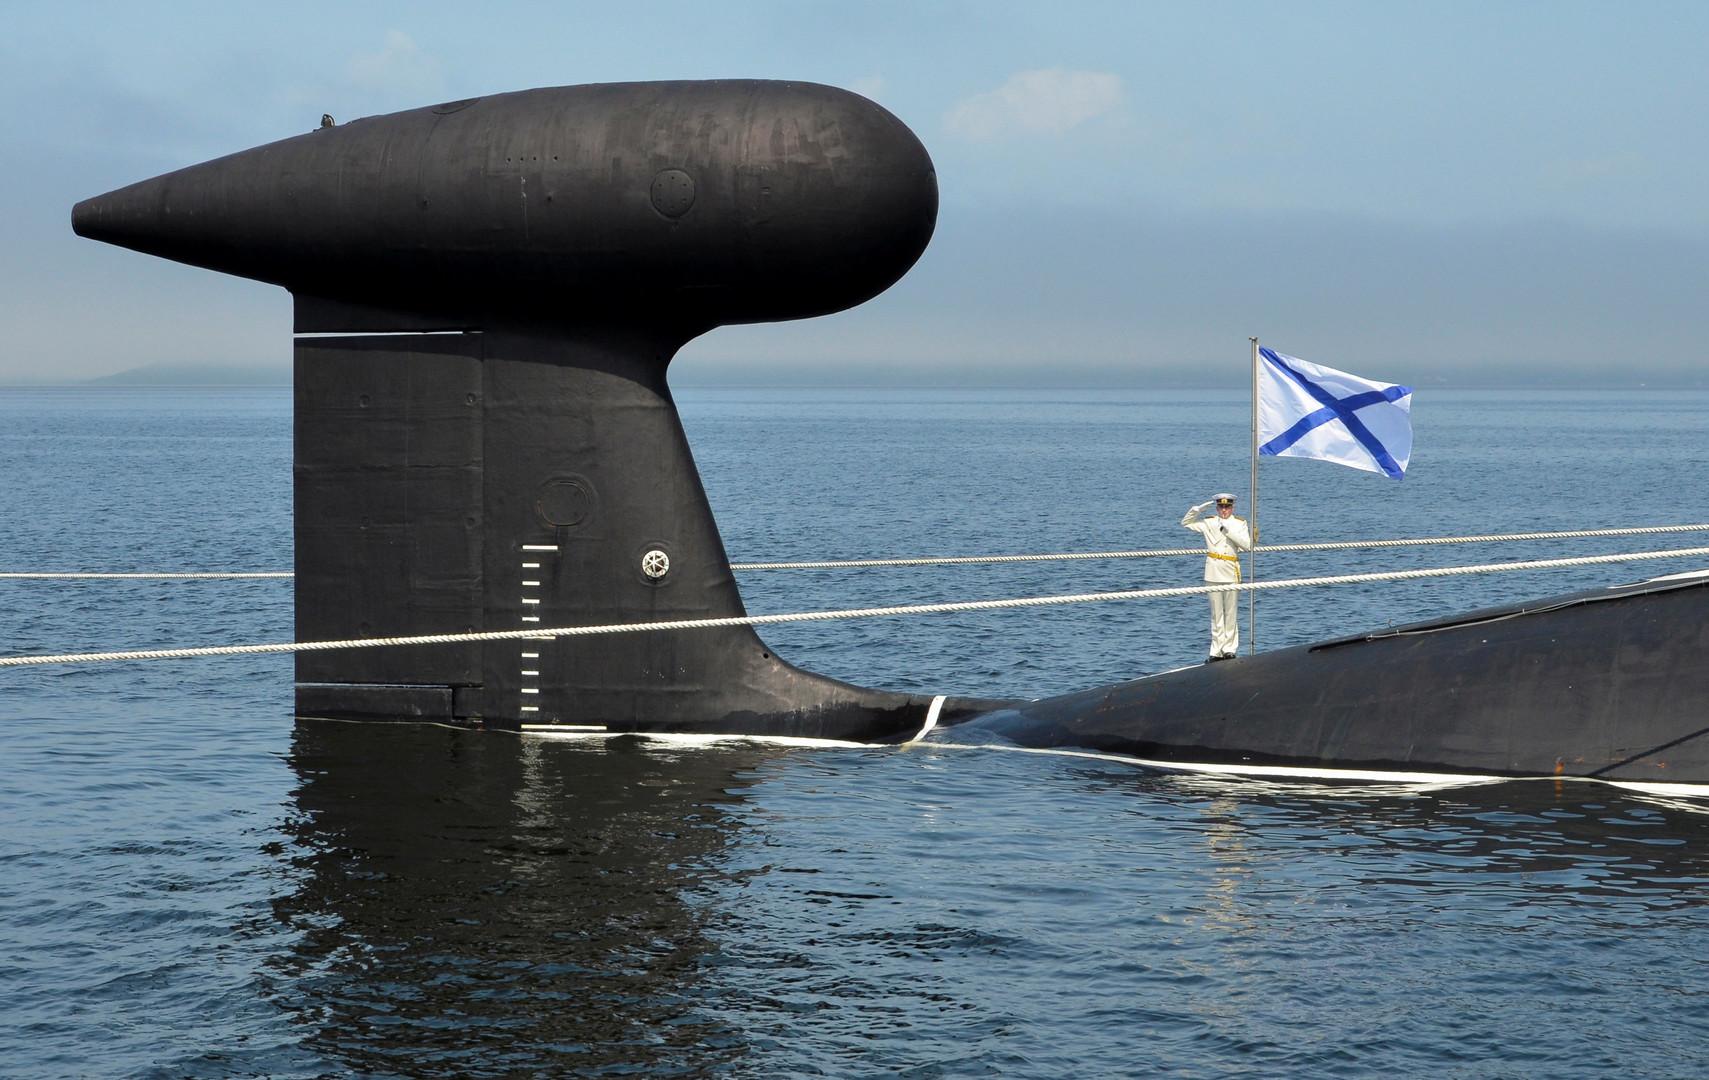 Моряк-подводник на атомной субмарине «Кузбасс» отдаёт честь в рамках репетиции парада ко Дню ВМФ во Владивостоке.